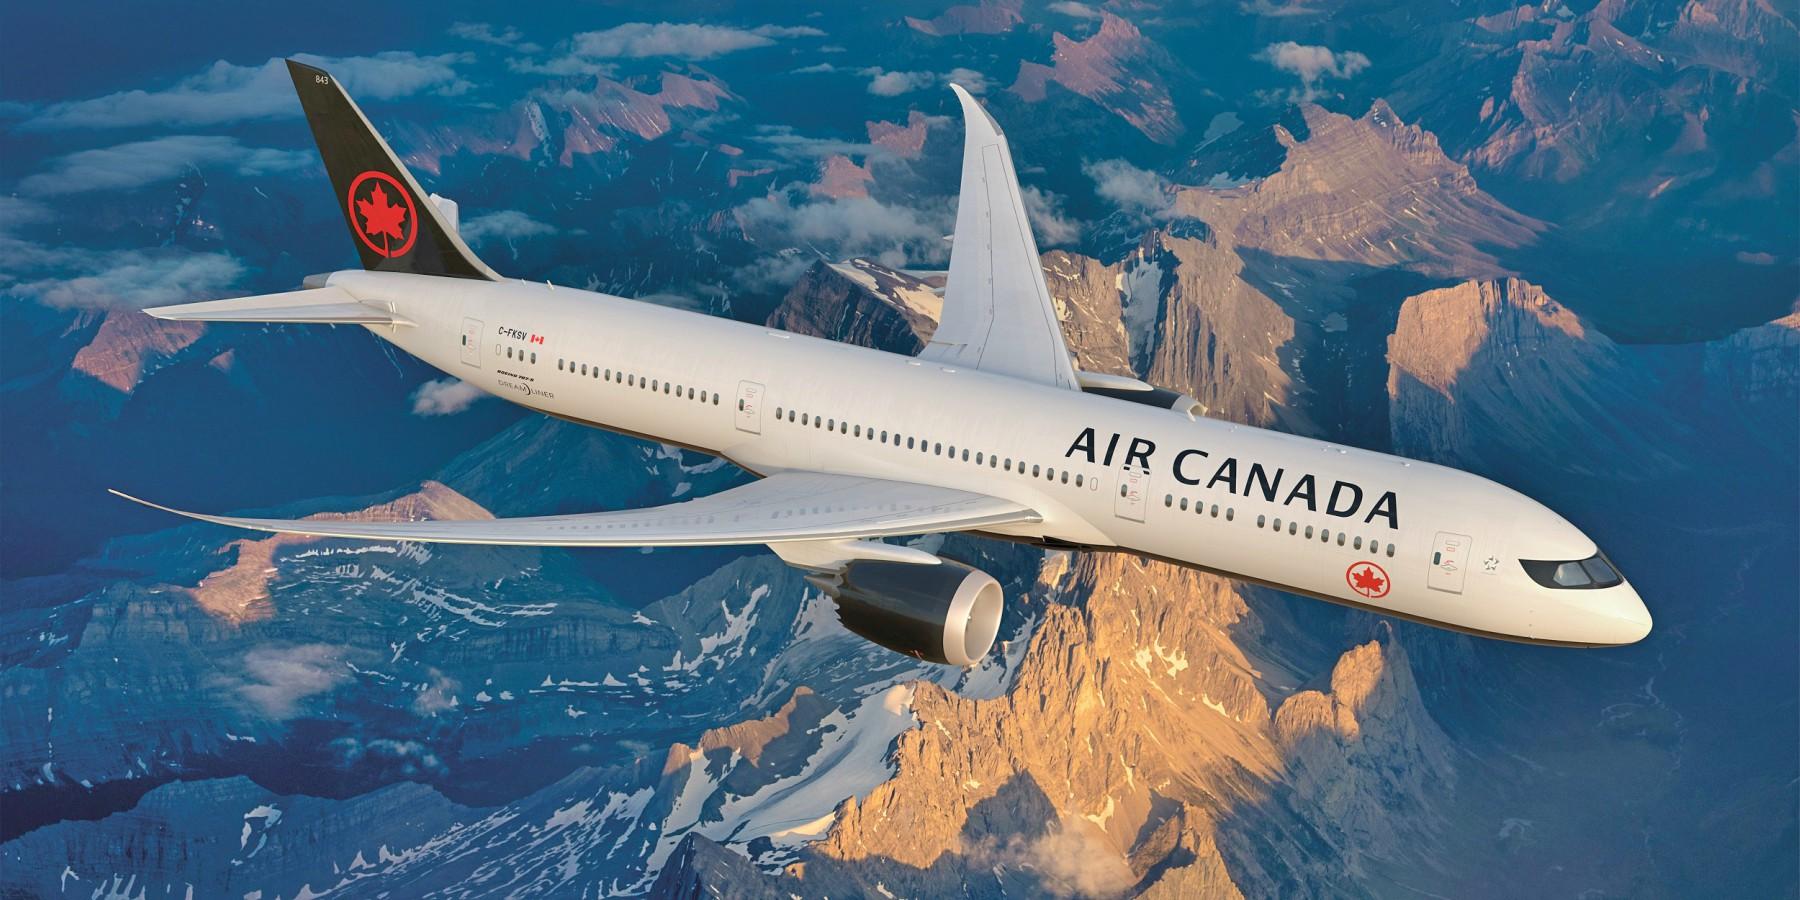 Air Canada estrena nueva imagen corporativa inspirada en Canadá